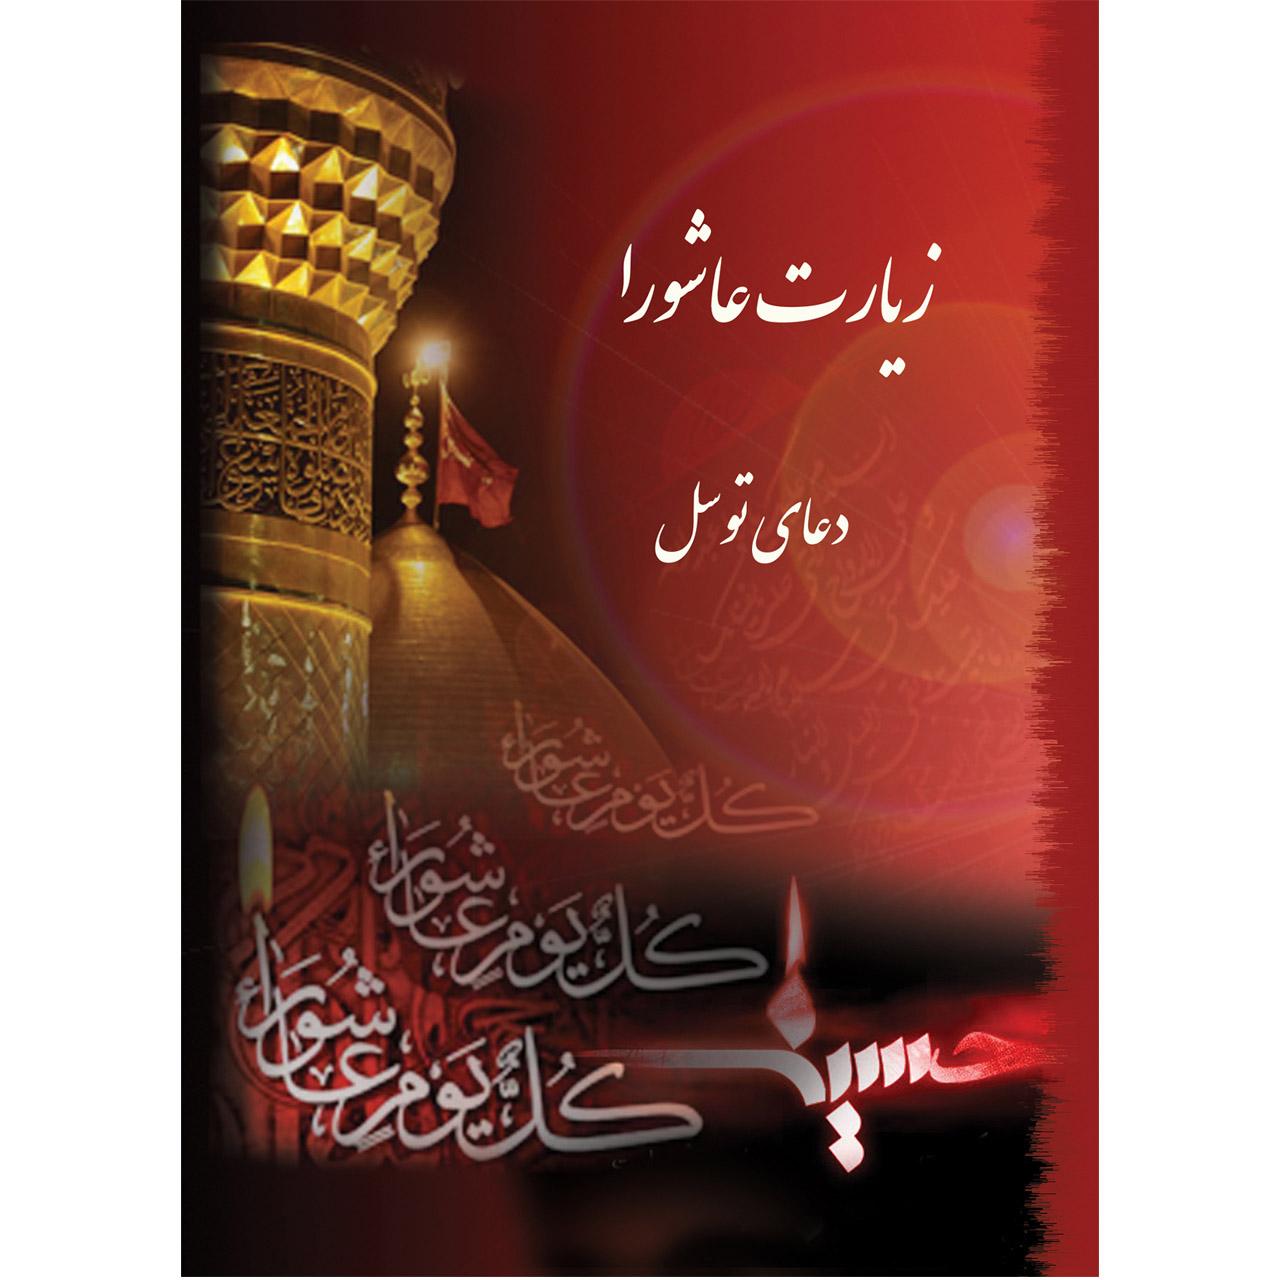 کتاب زیارت عاشورا و دعای توسل ترجمه مهدي الهي قمشه اي انتشارات یاس بهشت